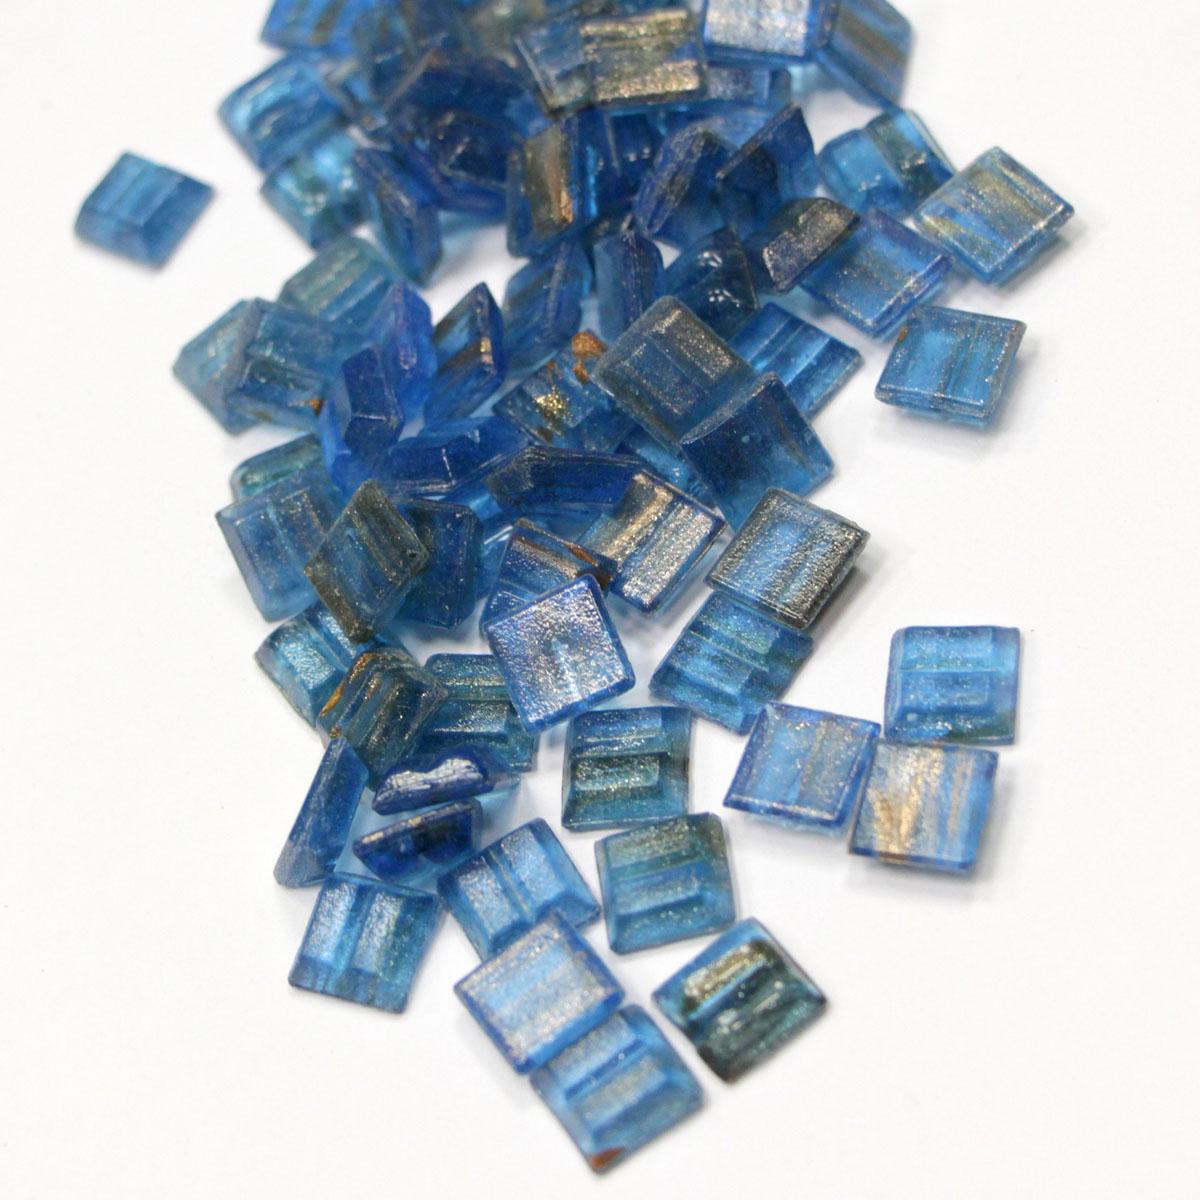 Мозаичная смальта Голубой топаз, 1 x 1 см, 100 гGA62Мозаичная смальта Голубой топаз - это оригинальный способ украсить открытку, фоторамку, подарочную коробку, фотоальбом и многое другое. Прекрасно подходит для скрапбукинга, декорирования и других видов творческих работ. Смальта выполнена из стекла голубого цвета. Крепится с помощью клея (в комплект не входит).